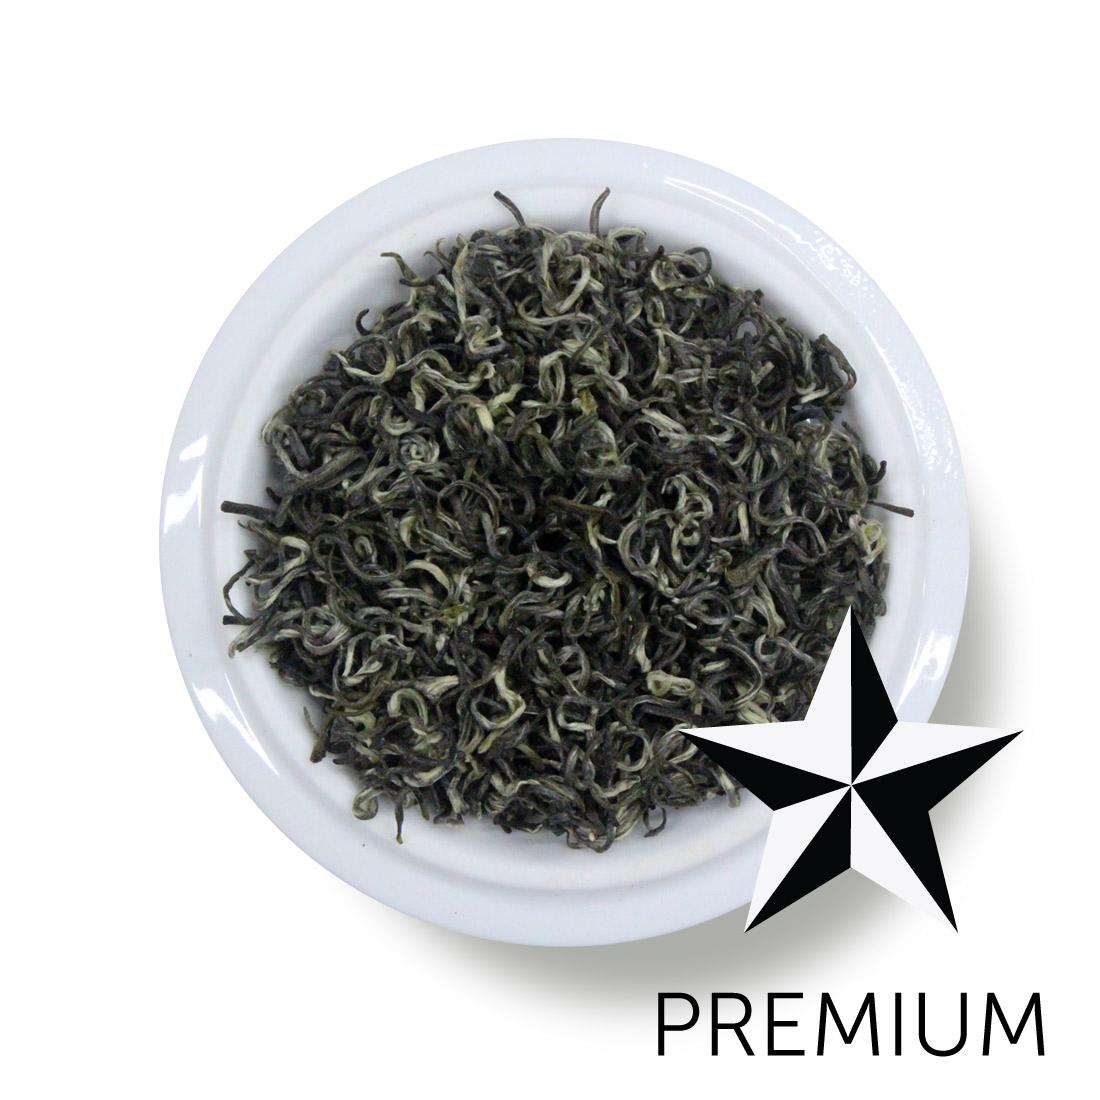 Premium Green Tea Bi Luo Chun Supreme